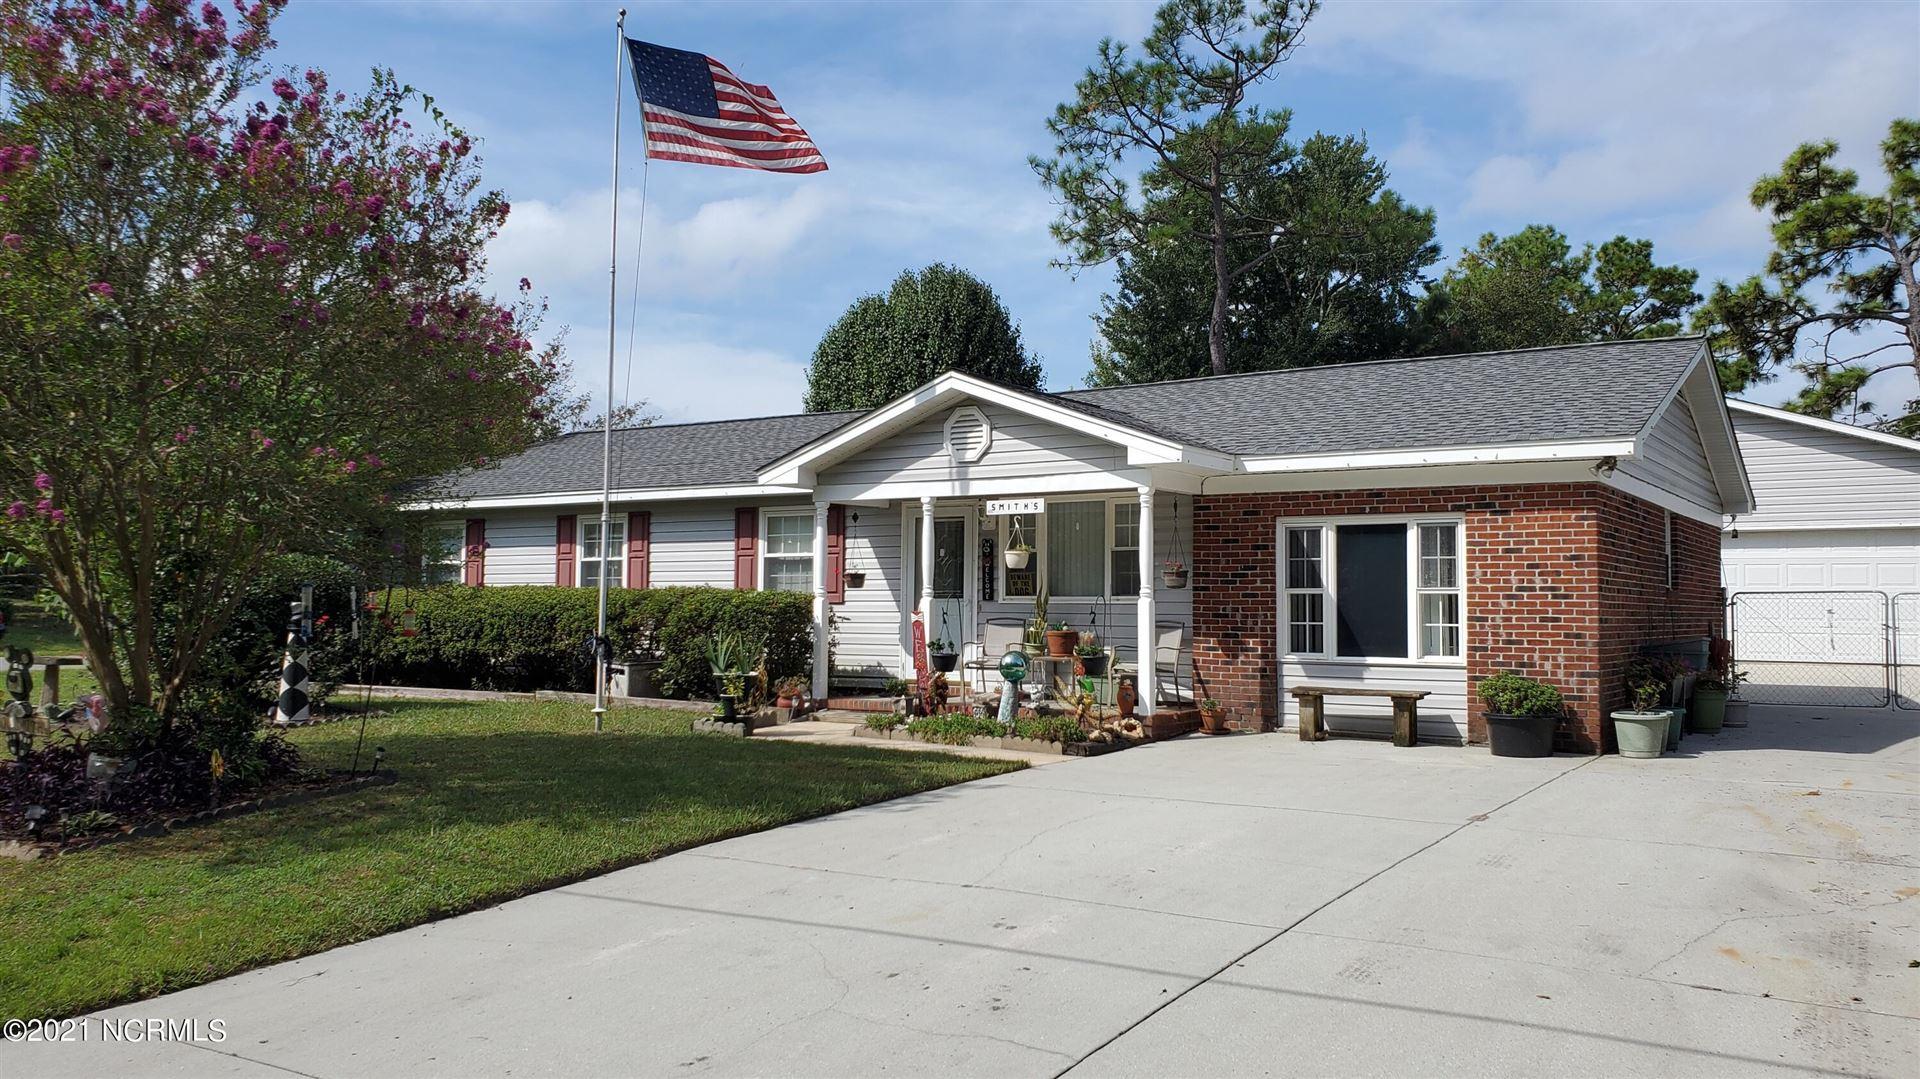 Photo of 1301 Avon Court, Wilmington, NC 28405 (MLS # 100291417)